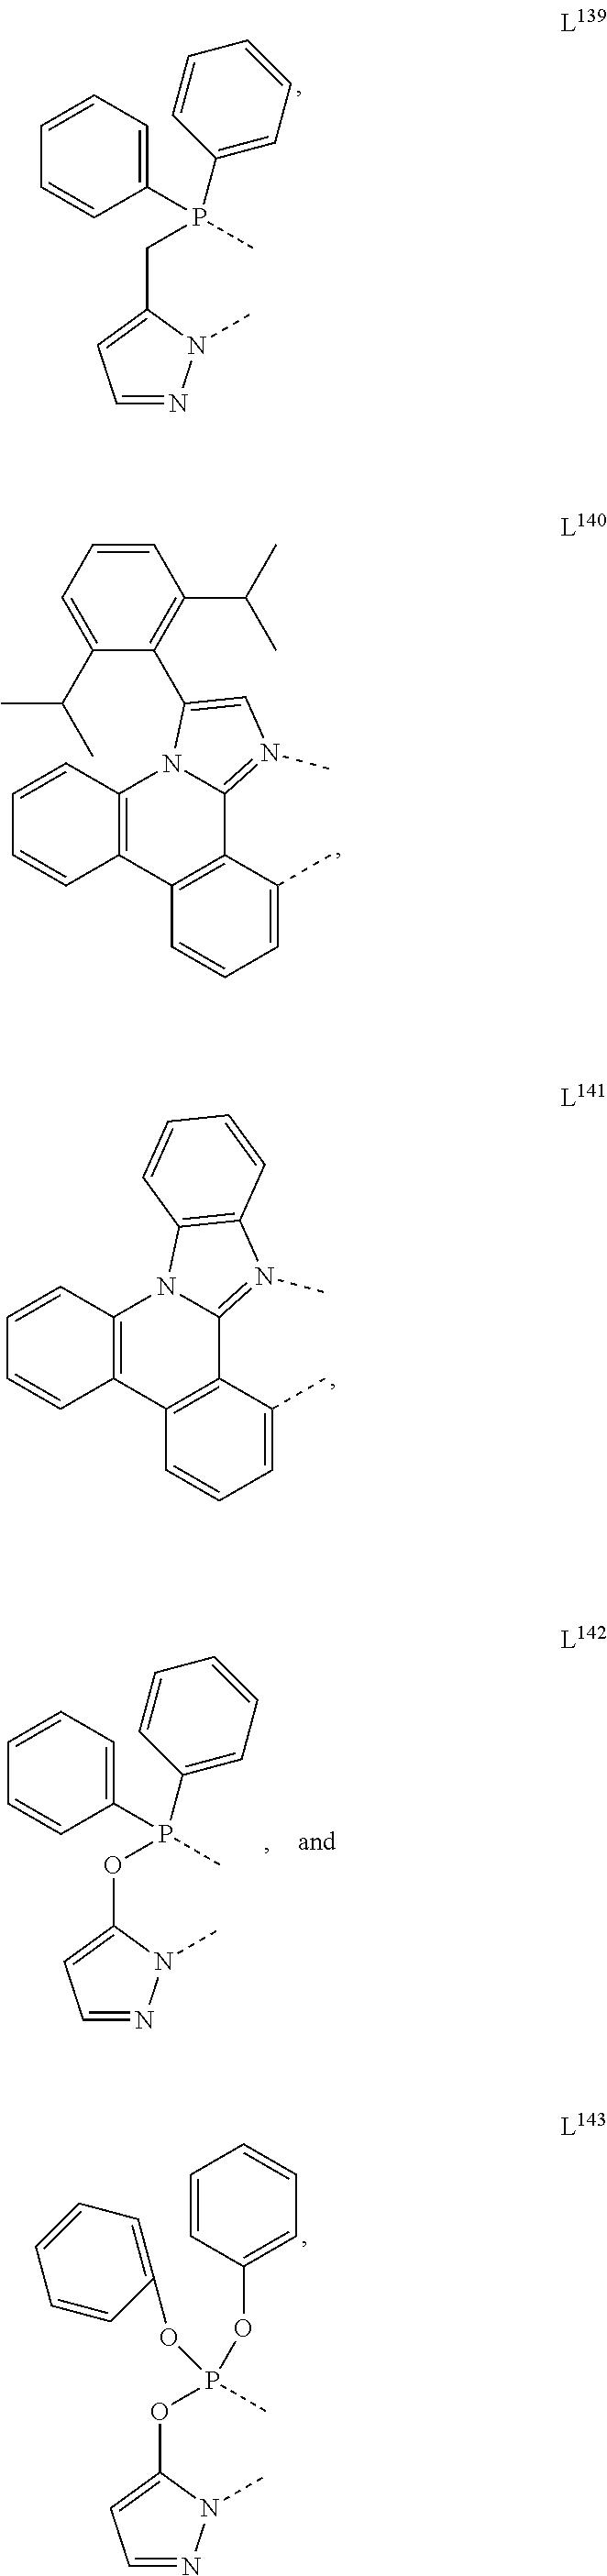 Figure US09306179-20160405-C00014